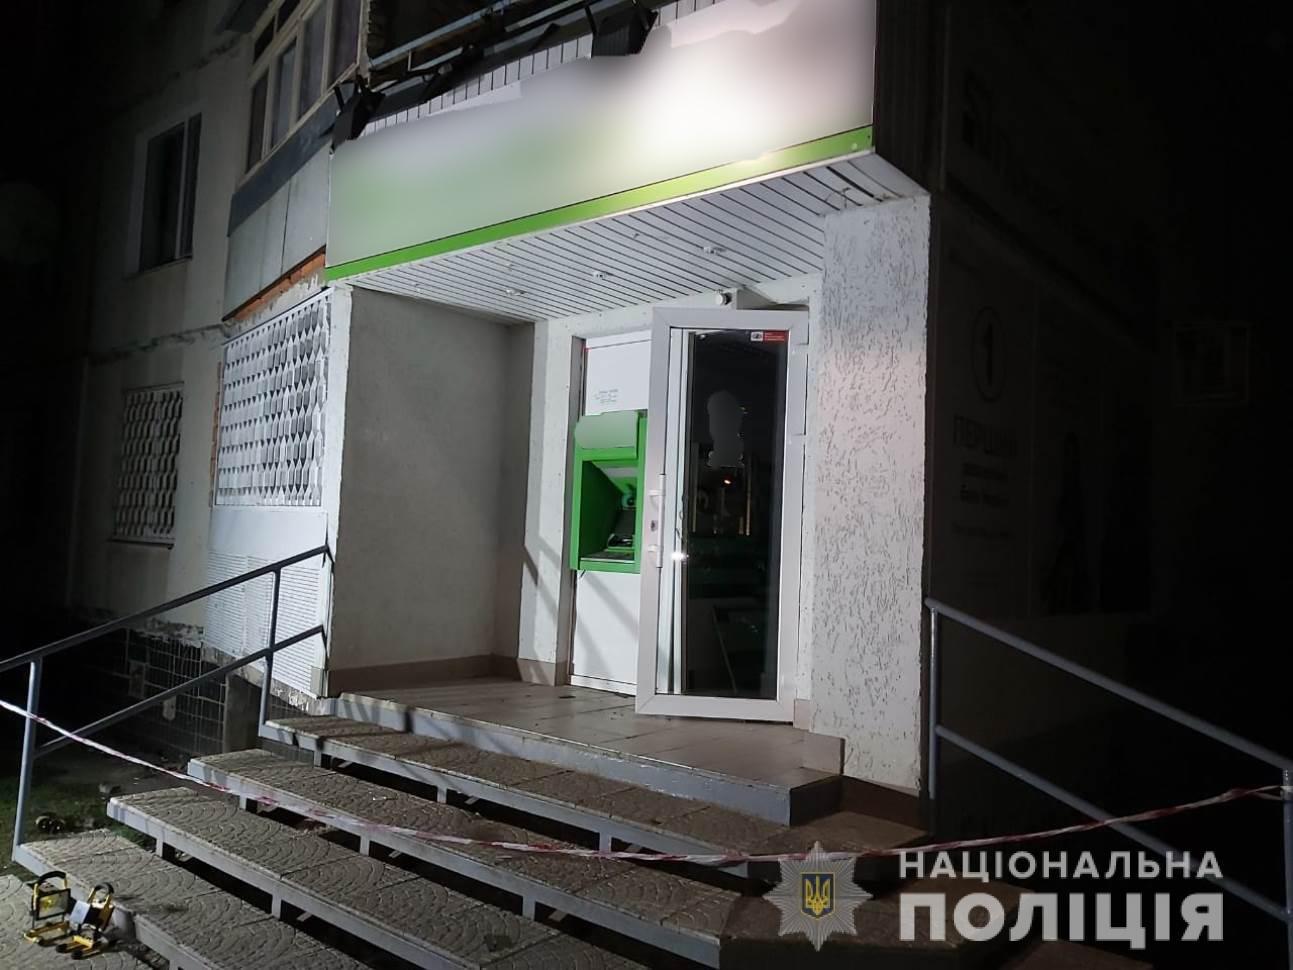 В Харькове неизвестные взорвали банкомат, находящийся в «многоэтажке», - ФОТО, фото-2